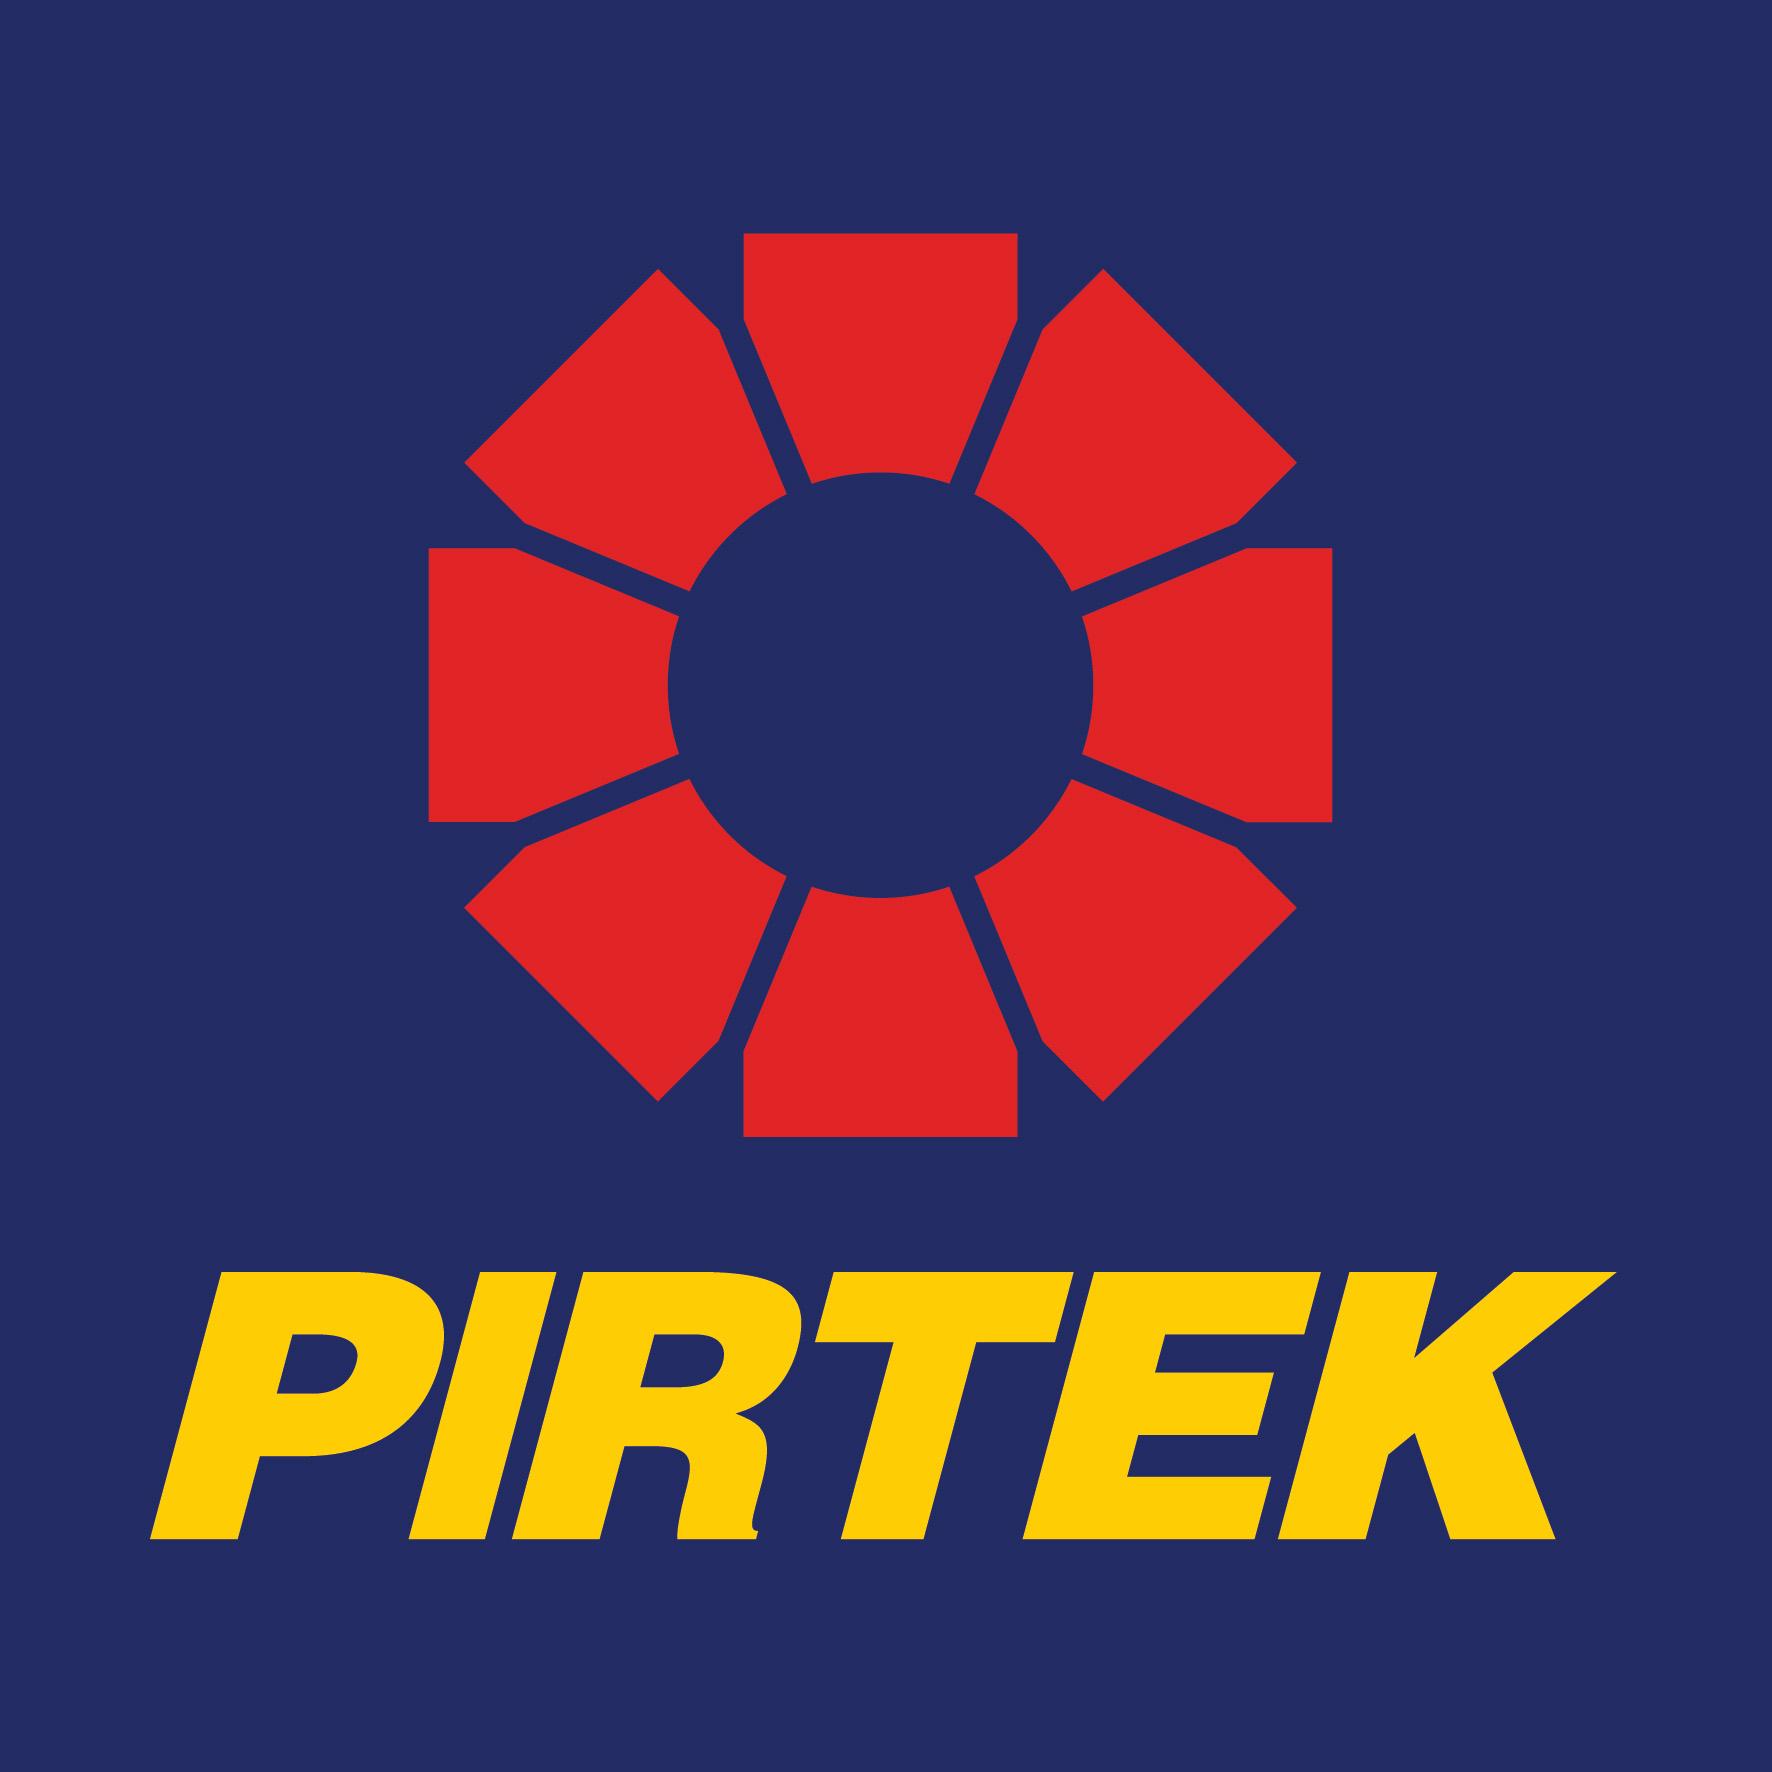 Pirtek Dubbo